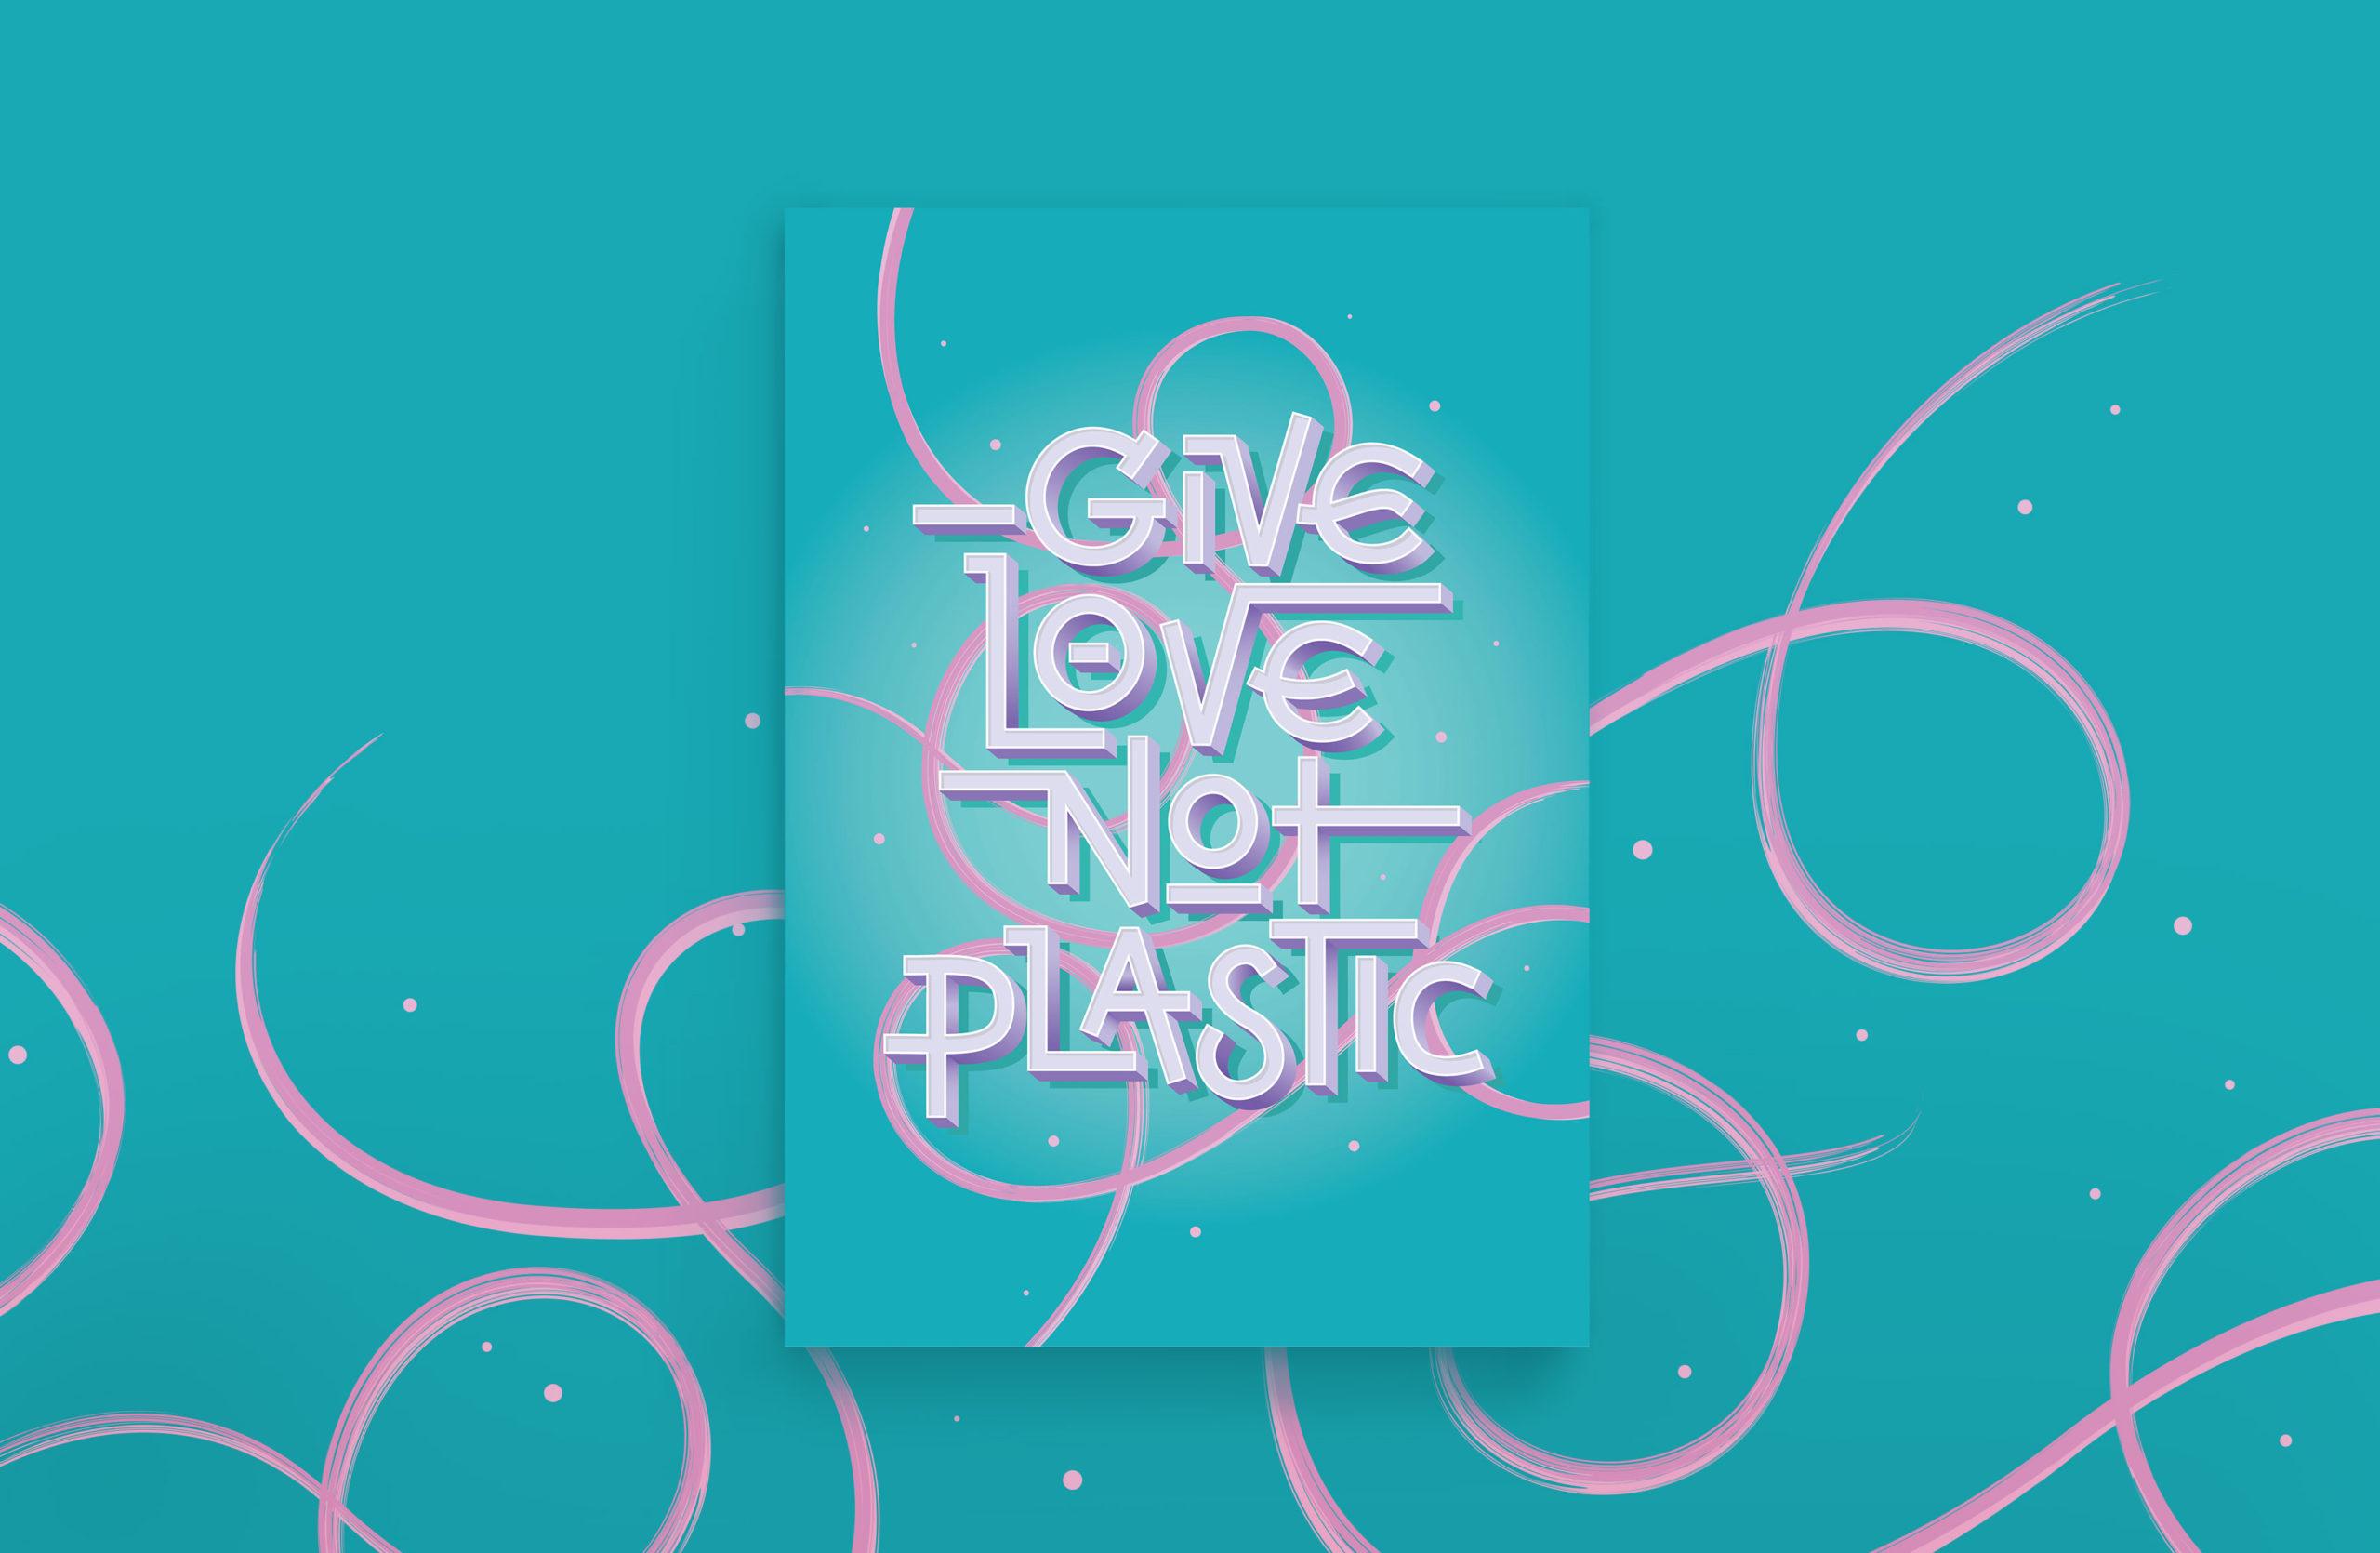 Give Love Not Plastic Typography Alicia McFadzean